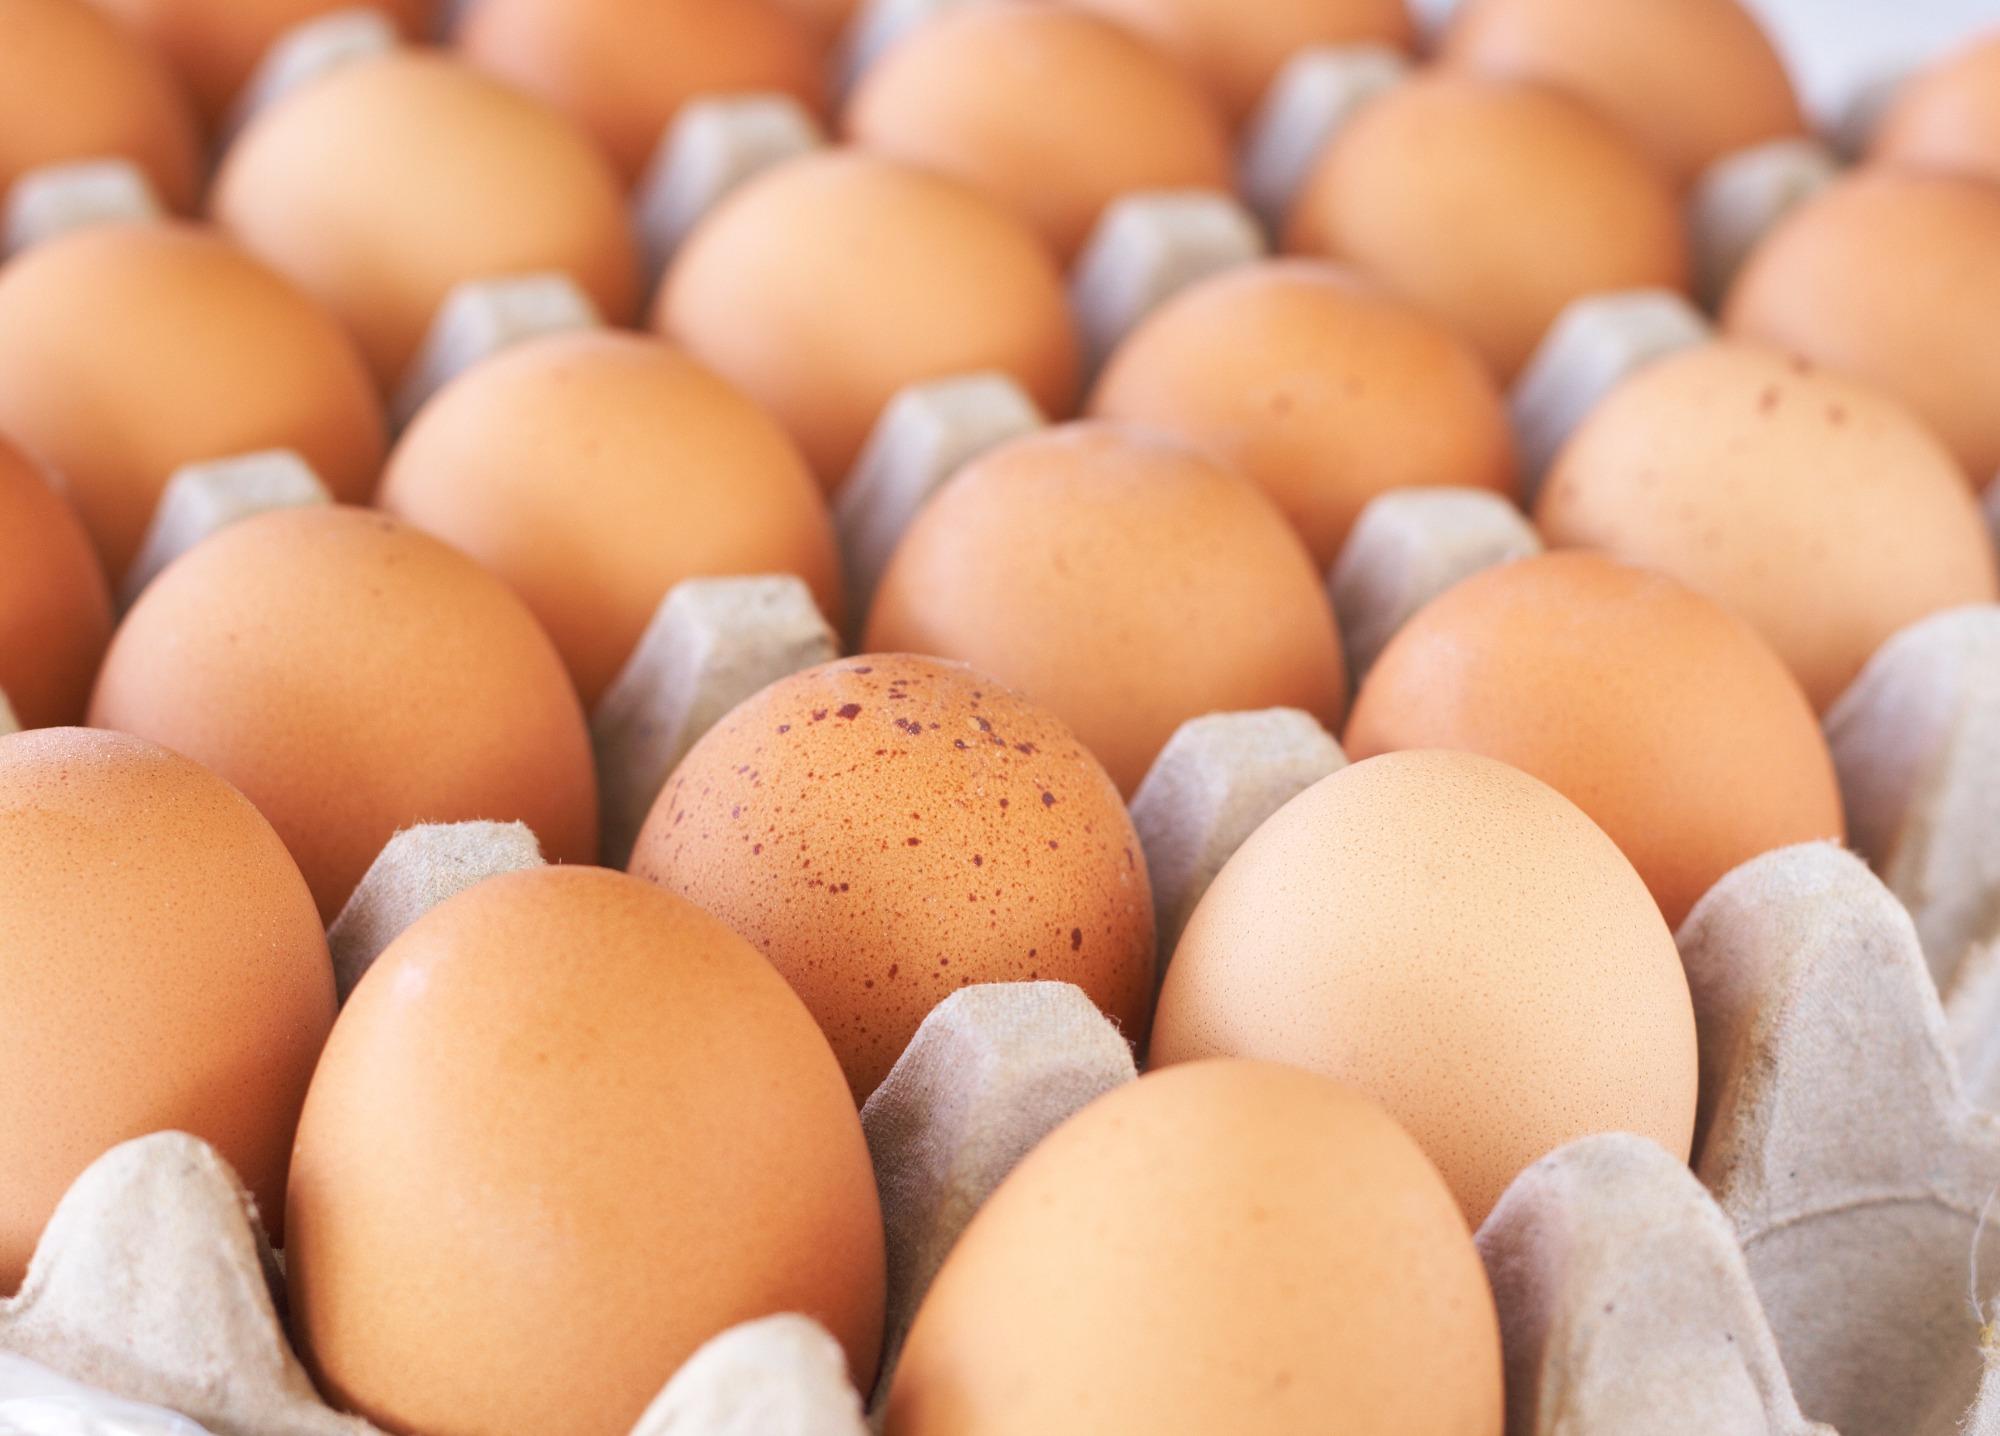 Produção de ovos em 2016 atinge número histórico com crescimento de 5,8%